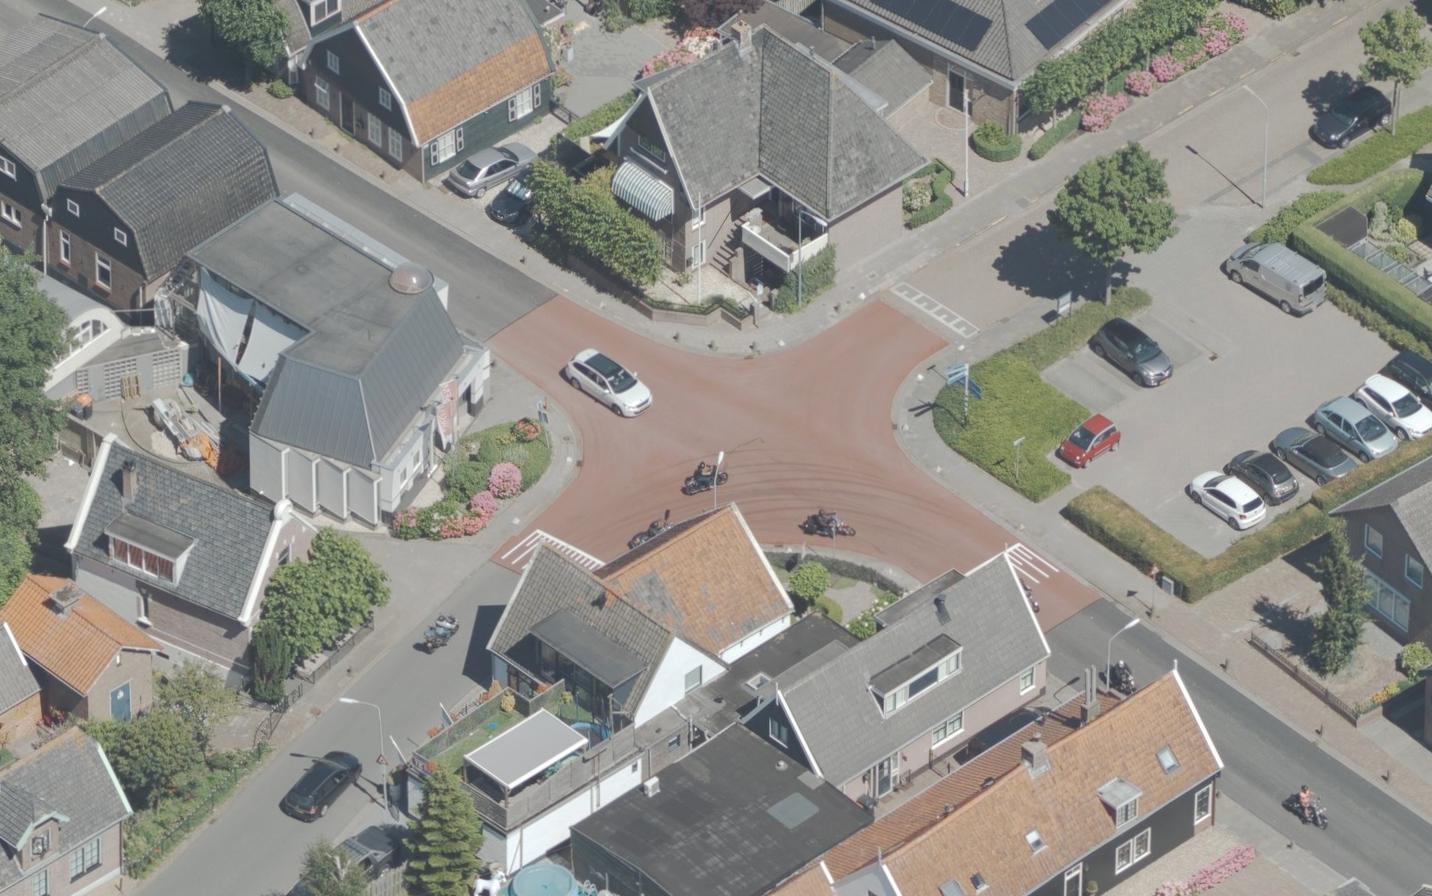 Koggenland laat berucht kruispunt in Avenhorn onderzoeken: 'Auto's, trekkers, fietsers, alles komt elkaar hier tegen'